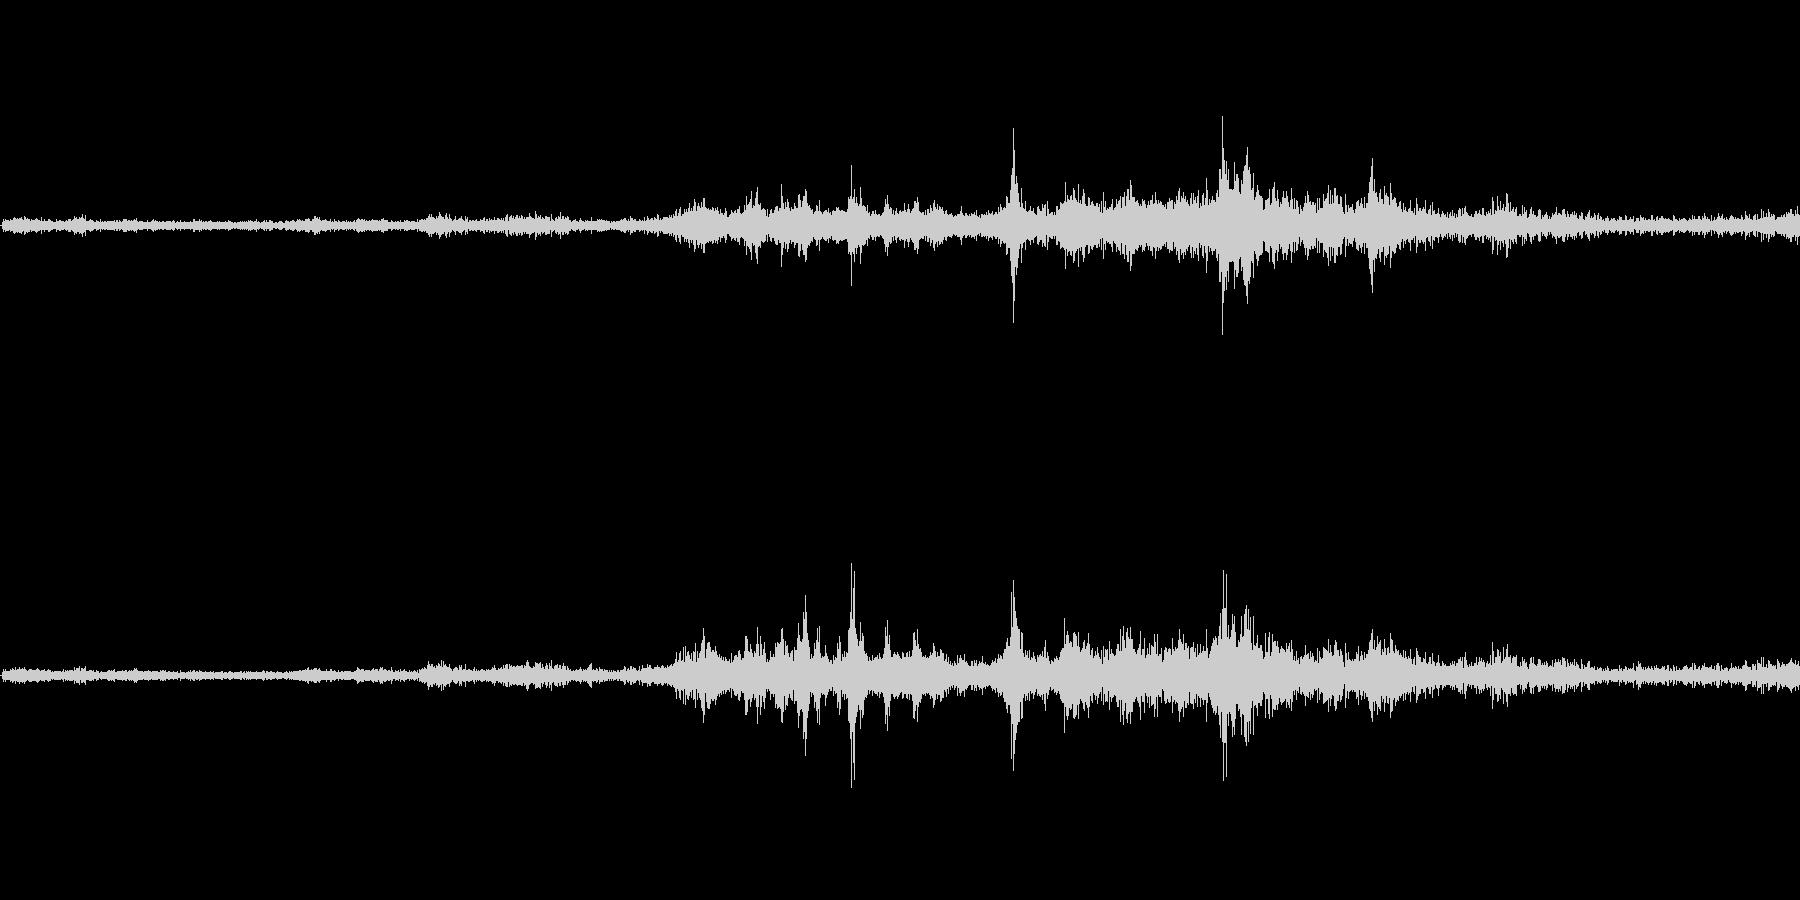 バイノーラル録音戦闘機5の未再生の波形